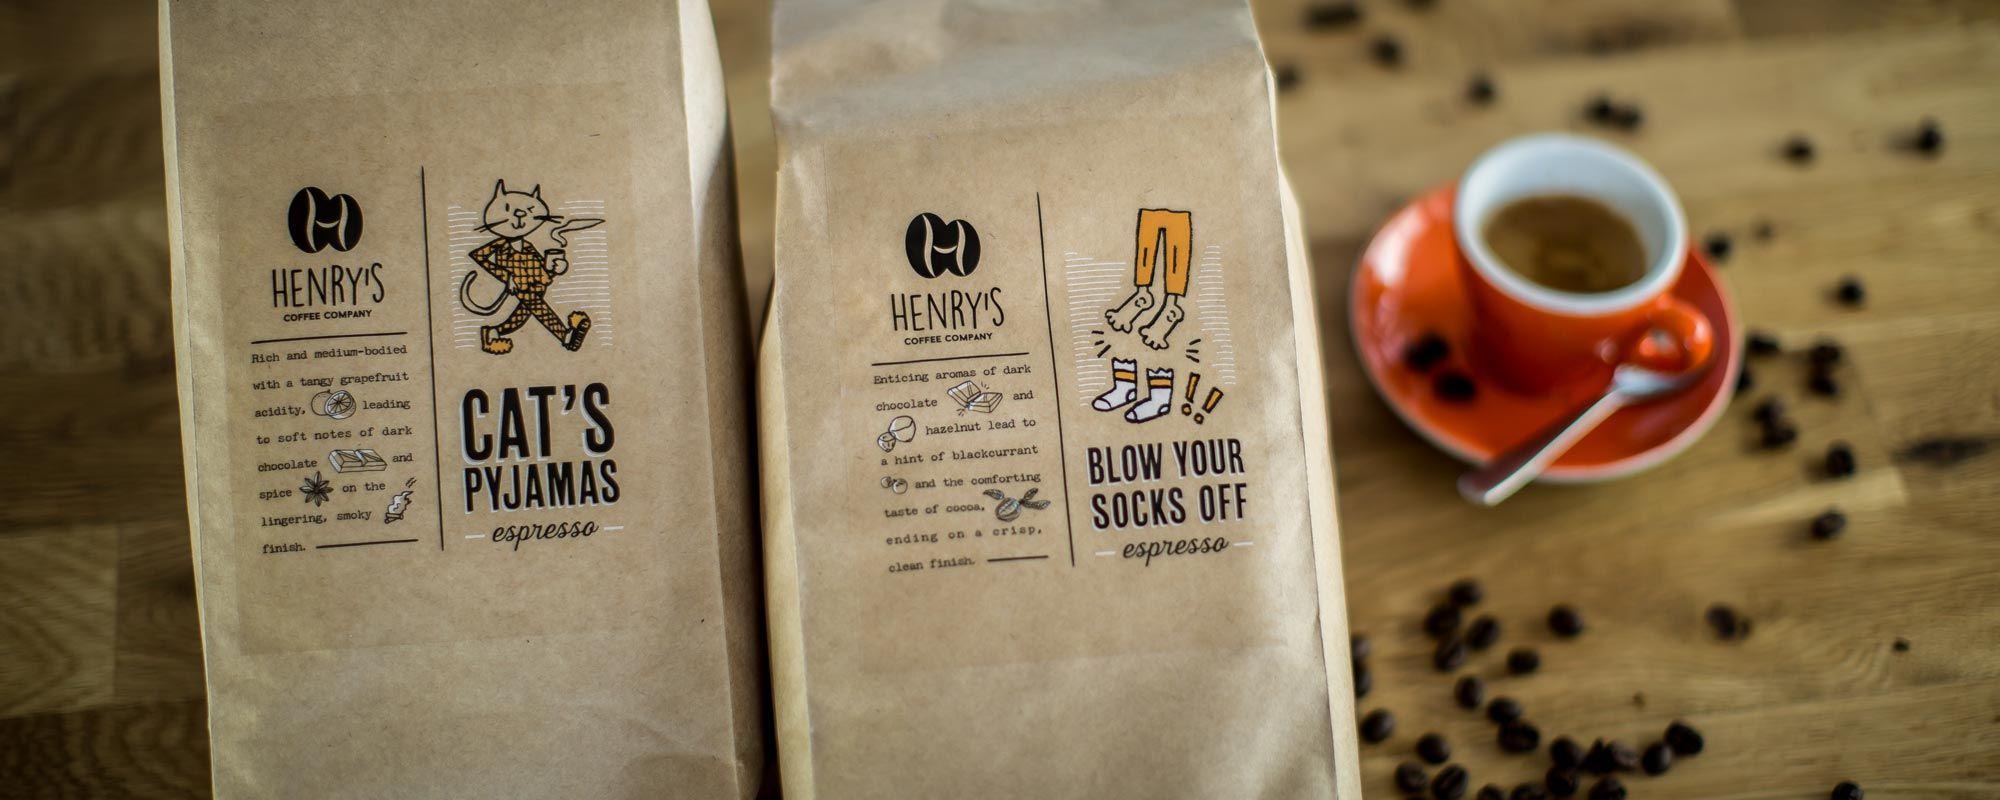 Henry's Coffee Company